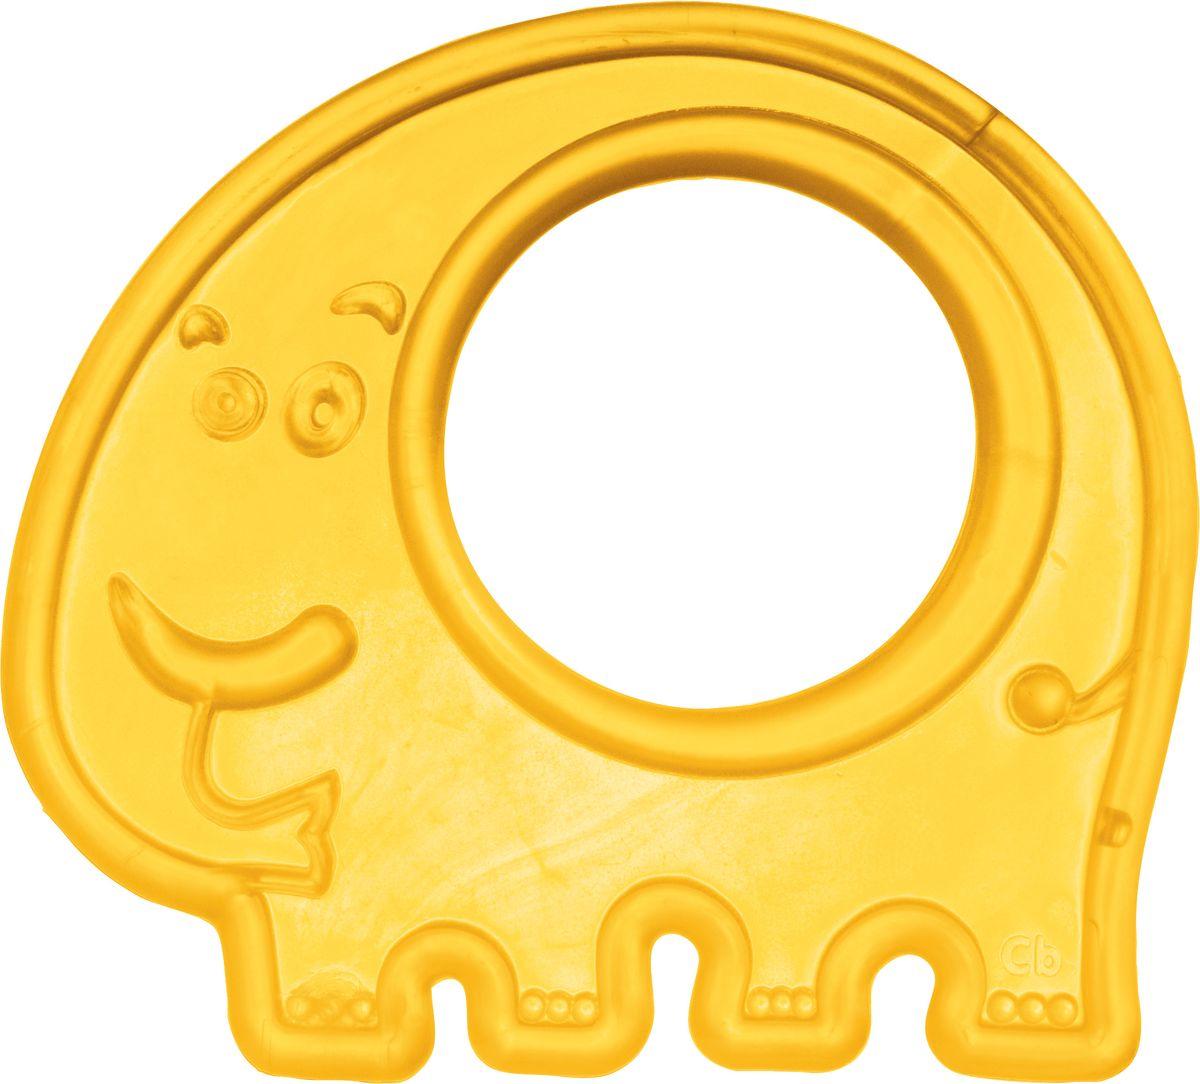 Canpol Babies Прорезыватель Слоник цвет желтый canpol babies прорезыватель уточка от 0 месяцев цвет желтый